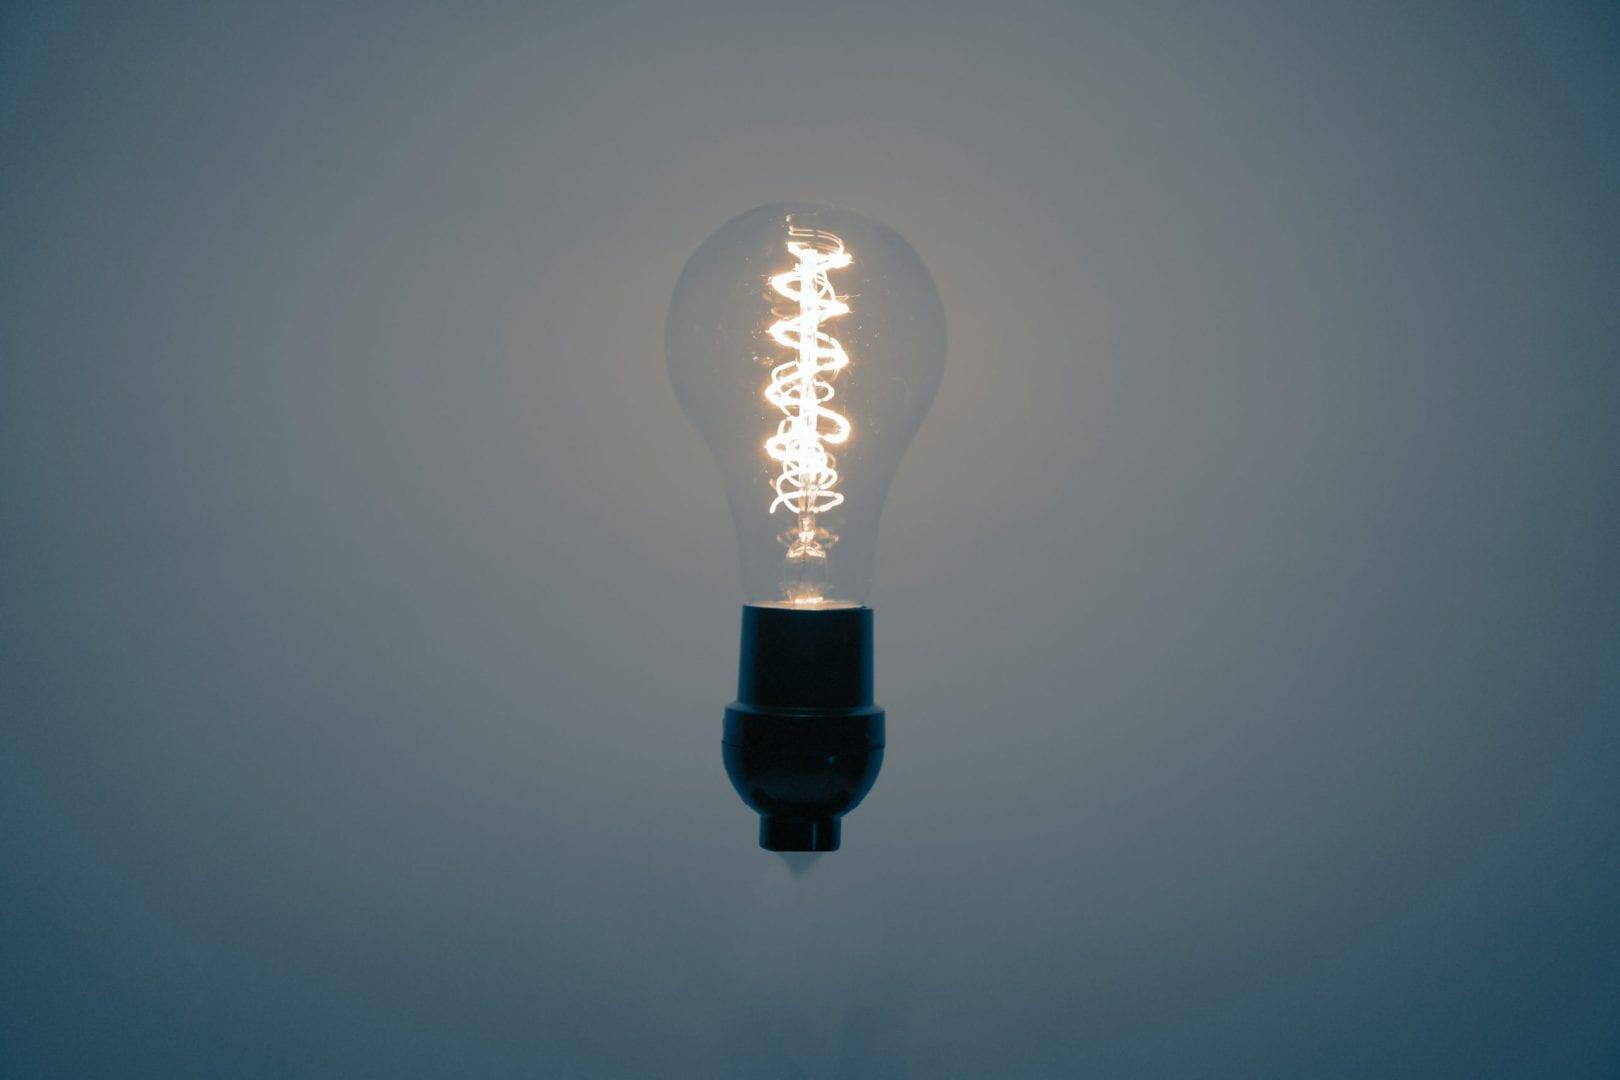 Cobrança extra na conta de luz ficará suspensa até o fim do ano